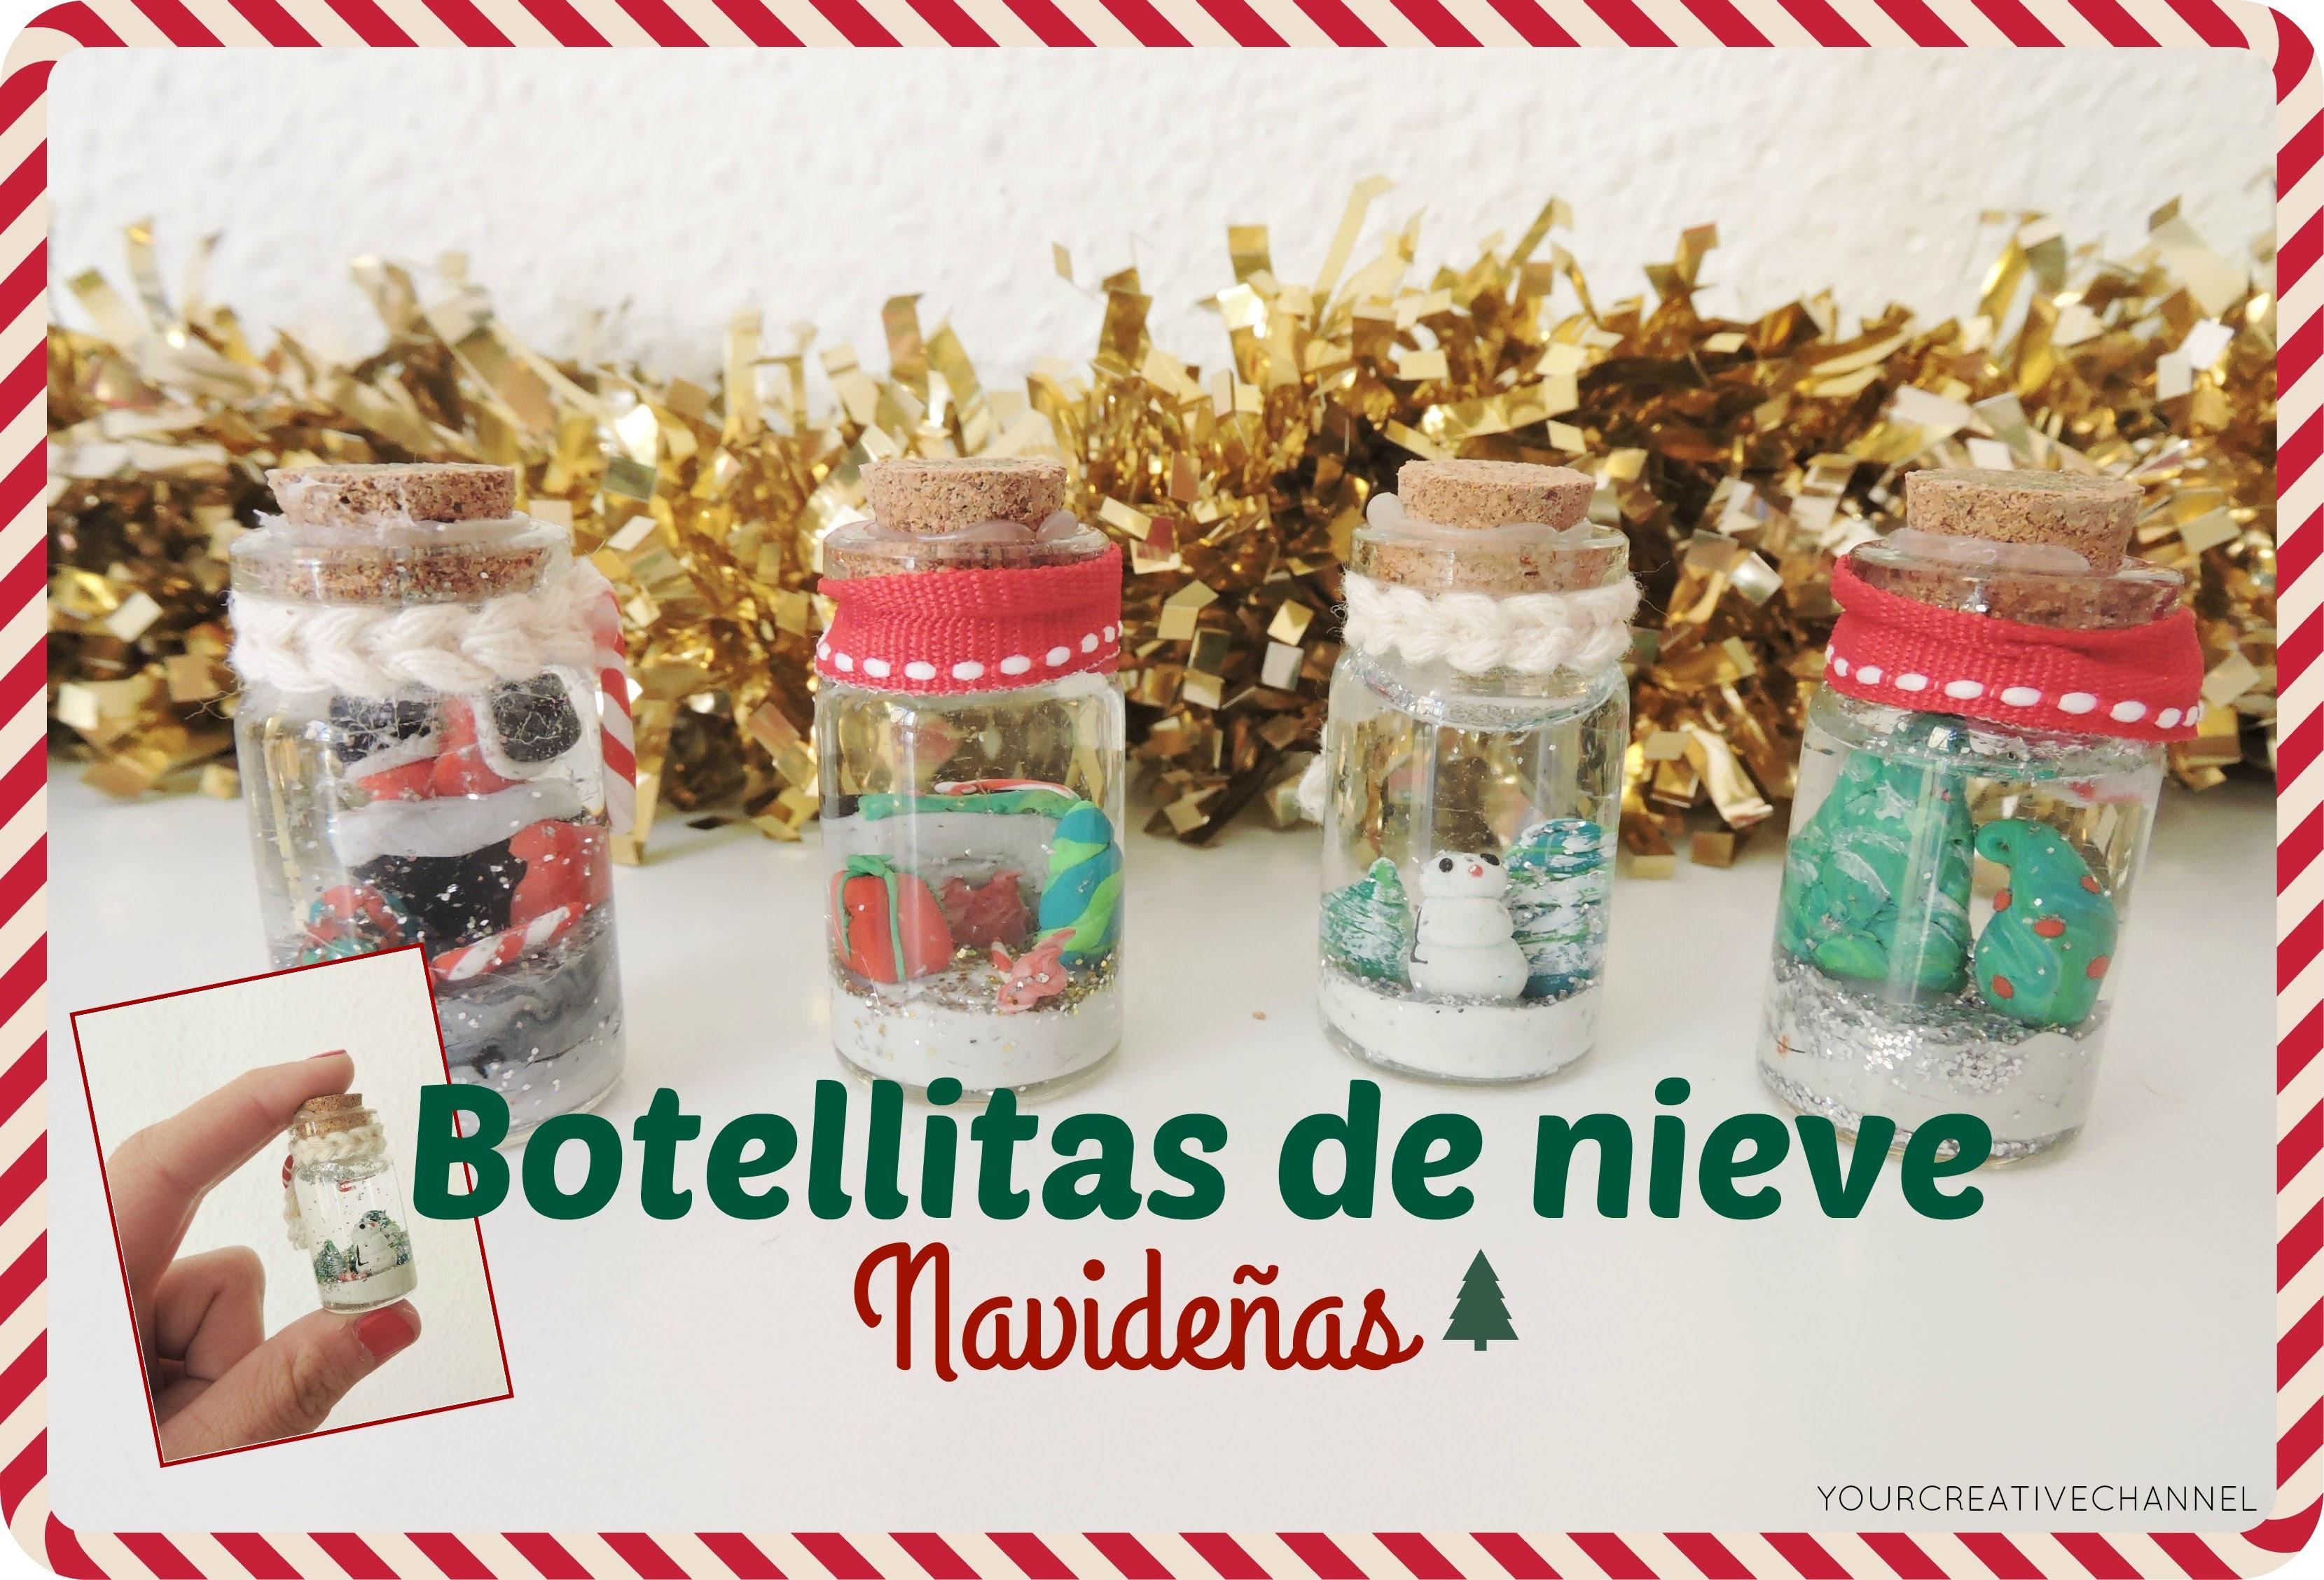 Como hacer bolas de nieve Navideñas - How to make Christmas snow balls